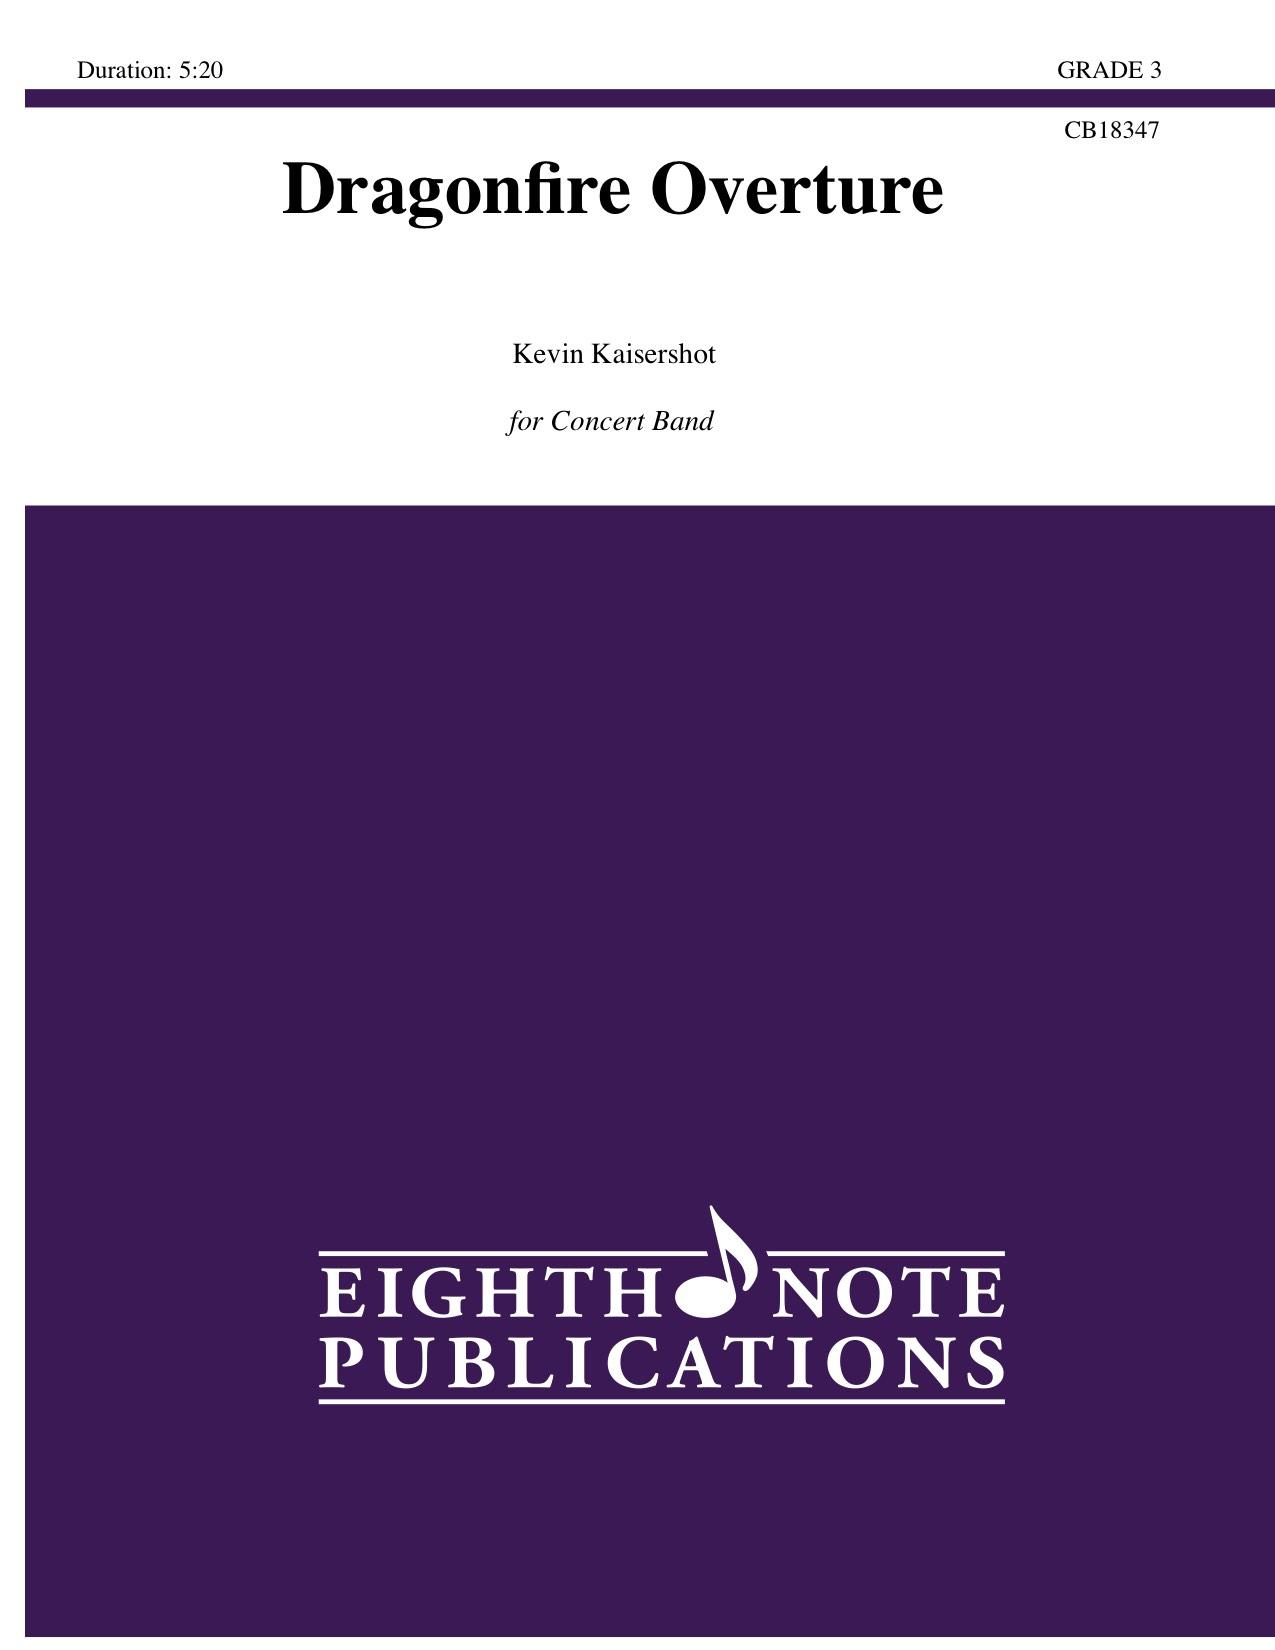 Dragonfire Overture - Kevin Kaisershot